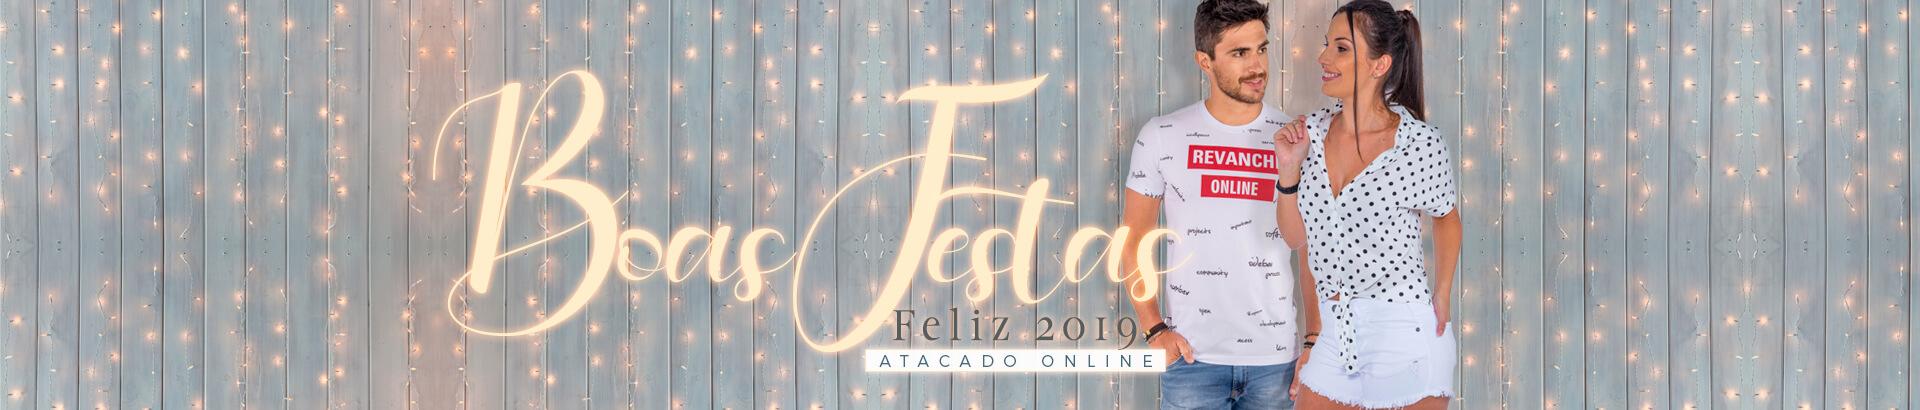 Banner Home Boas Festas - Roupas Atacado